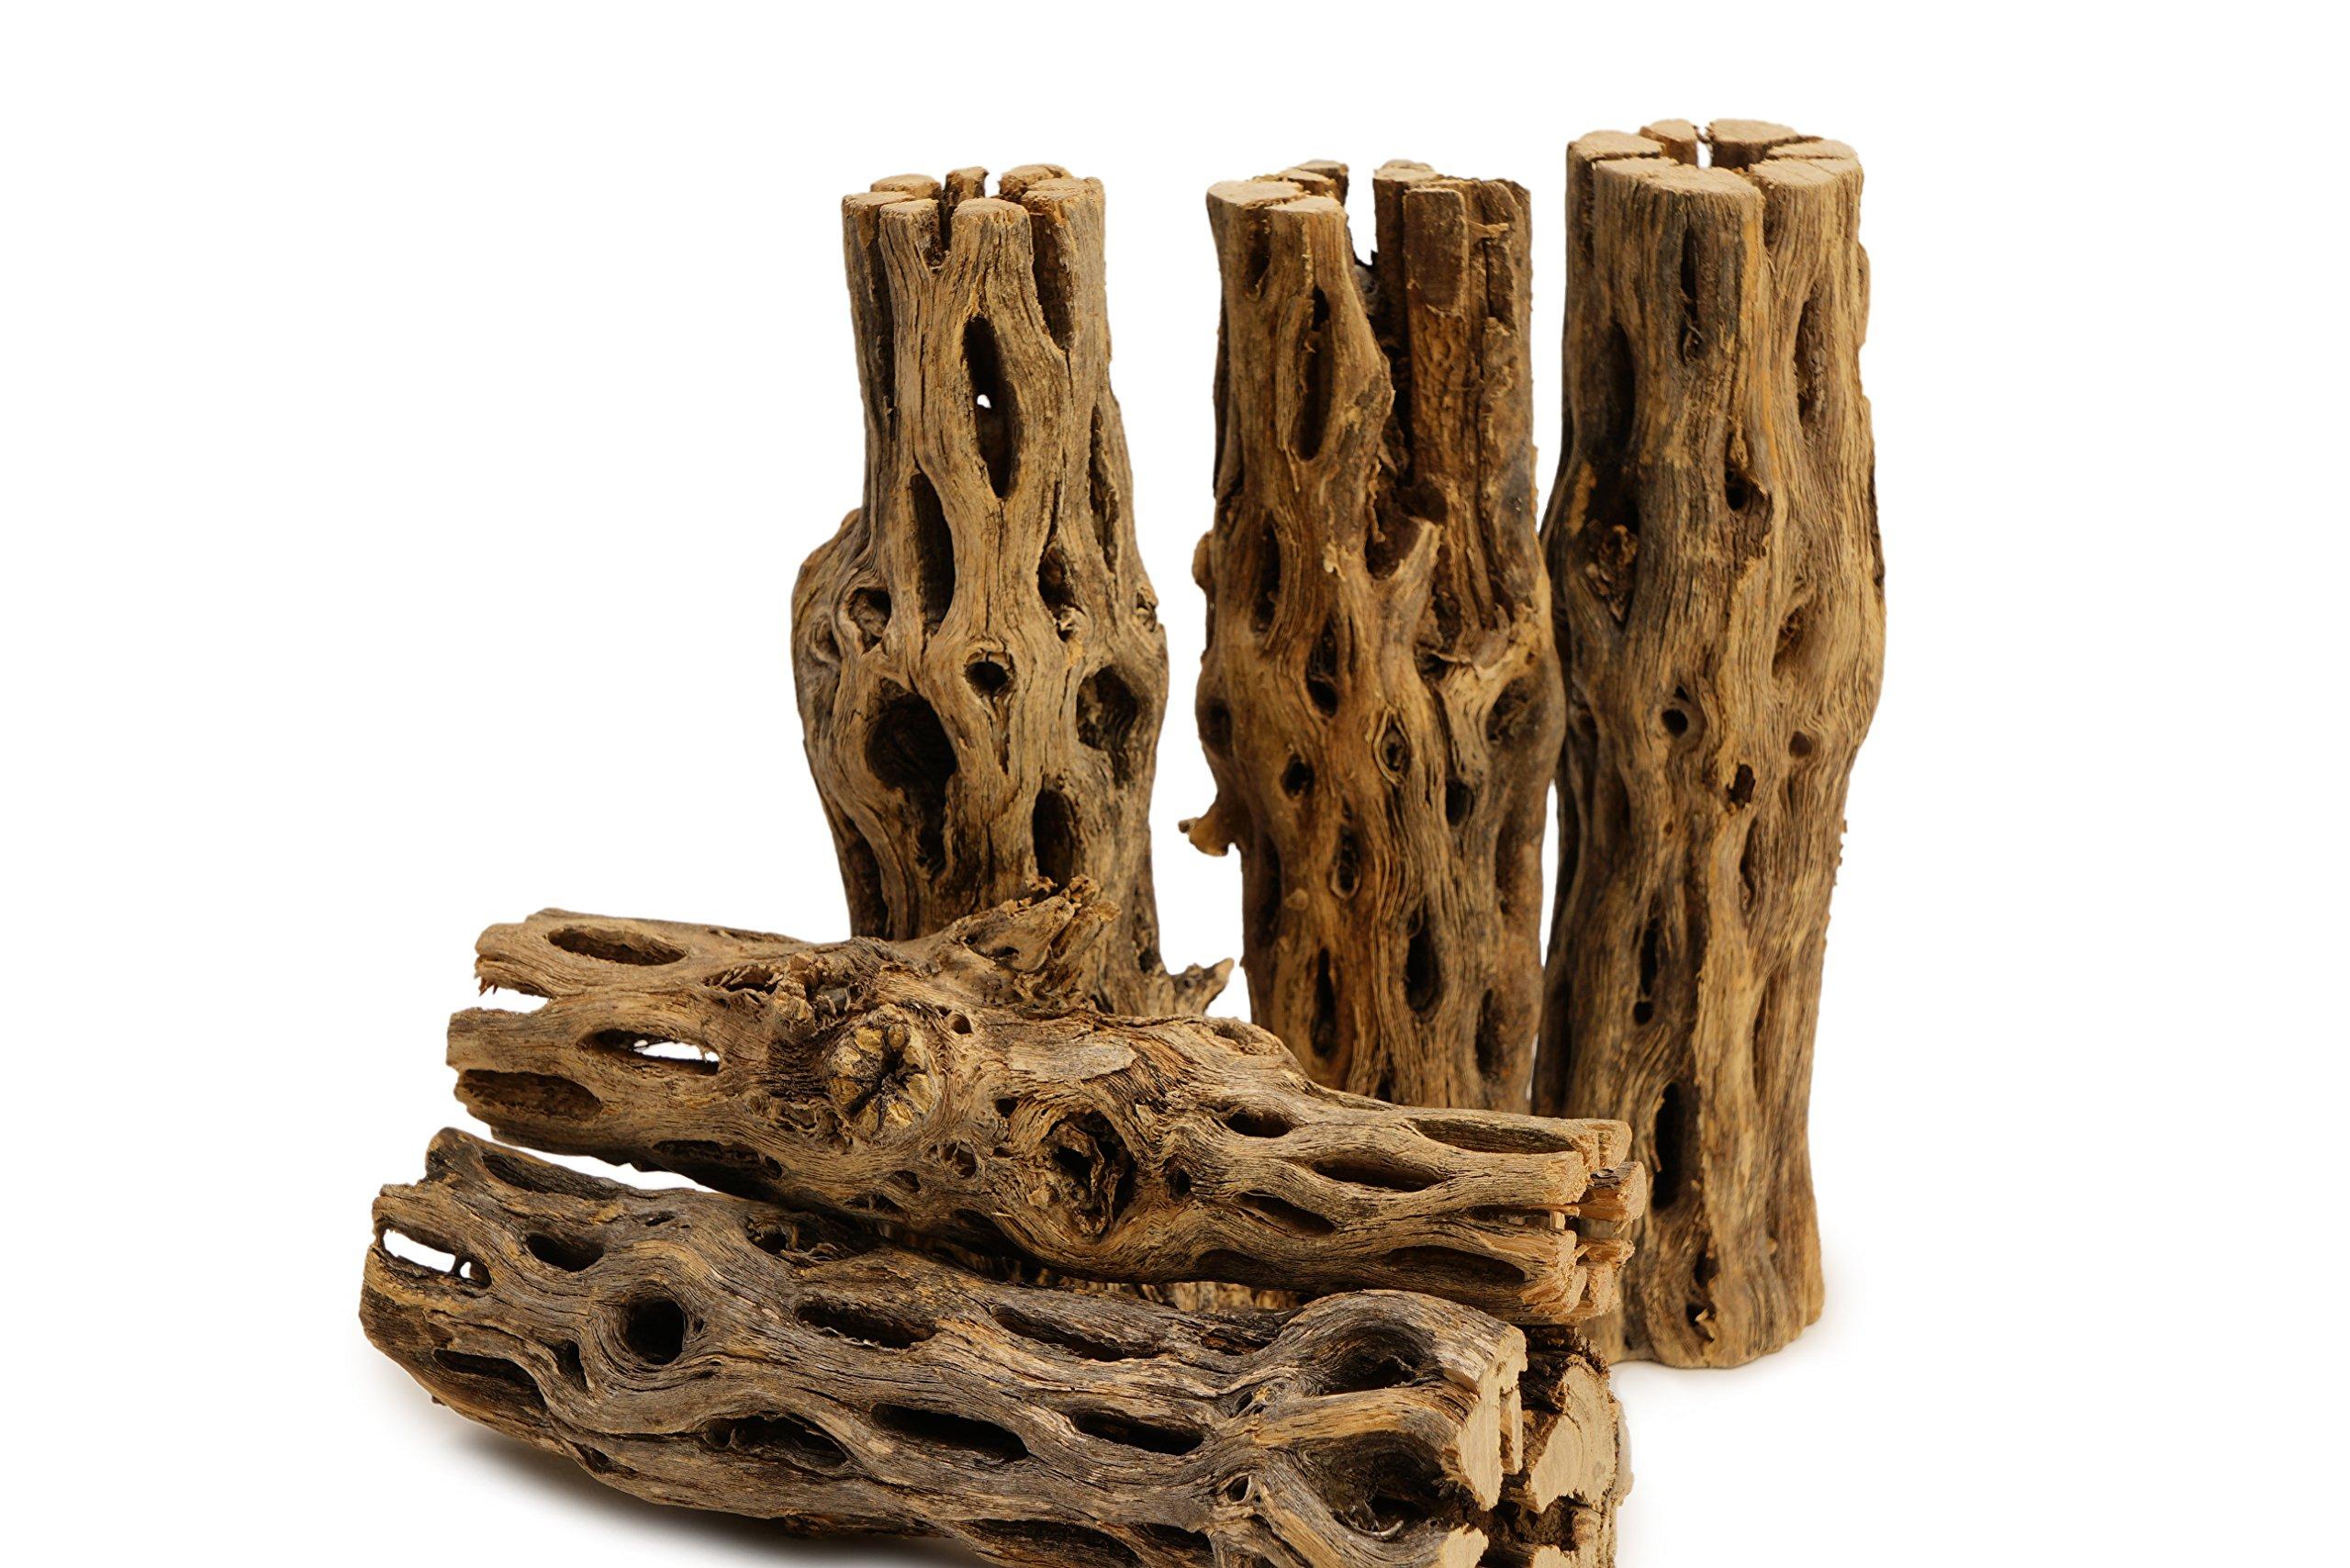 5 Pieces 5-6'' Long Natural Cholla Wood for Aquarium Decoration by NilocG Aquatics